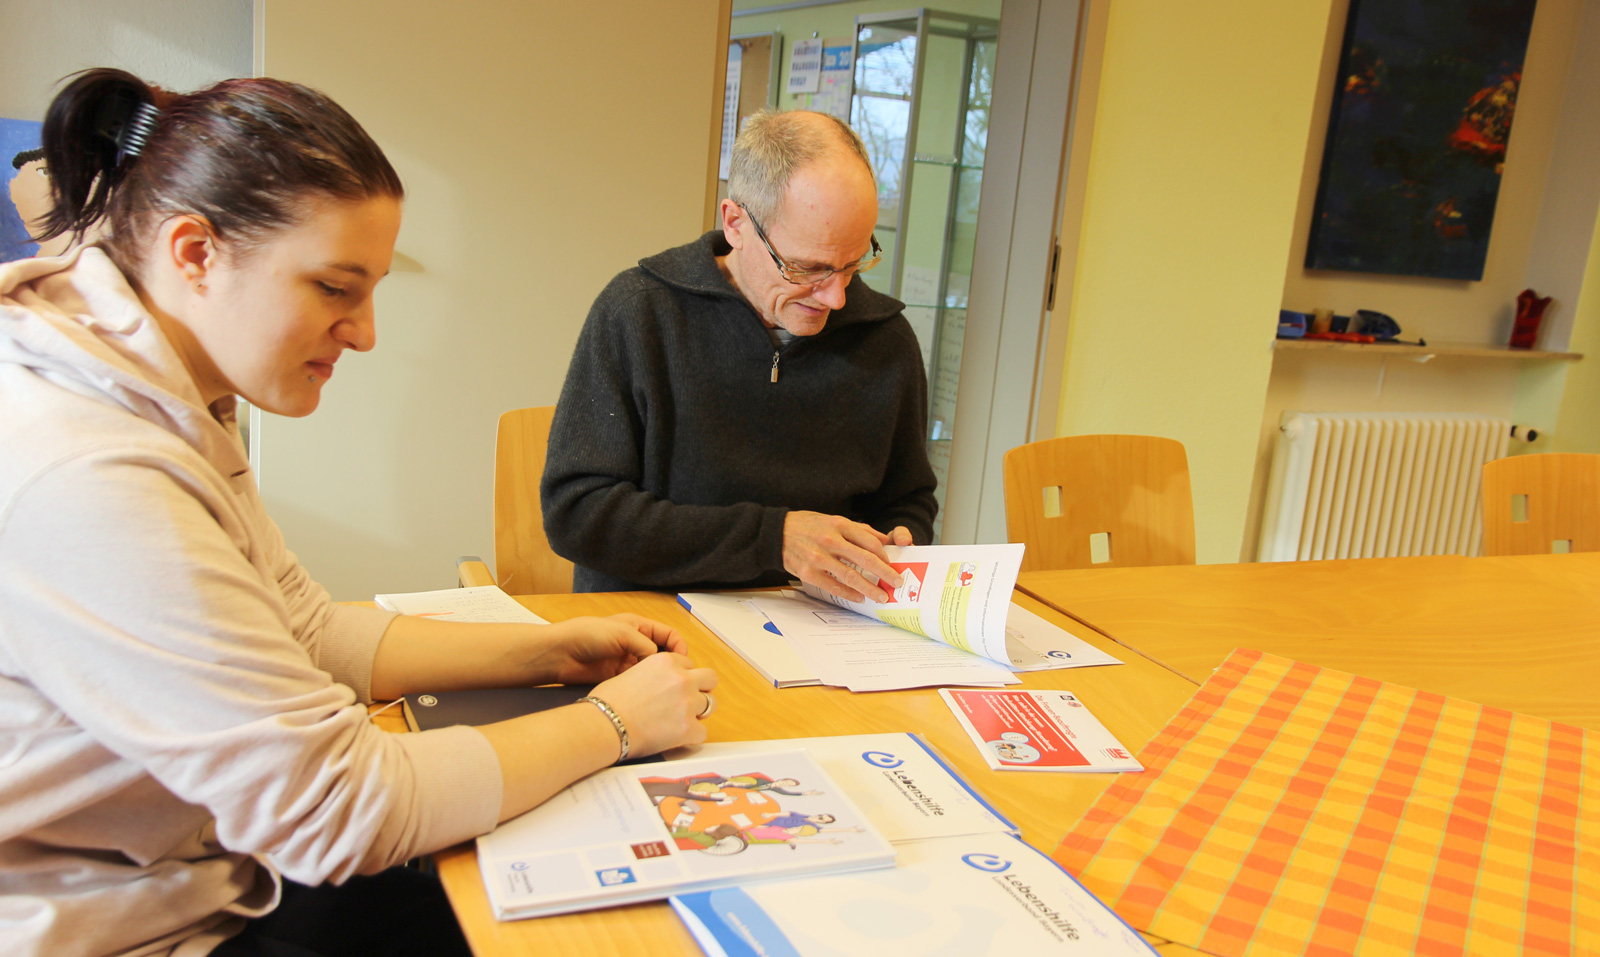 Harald Huber ist Vertrauensperson für Betreute der Moritzberg-Werkstätten; Szene zeigt ihn im Gespräch mit Lydia Stähle.